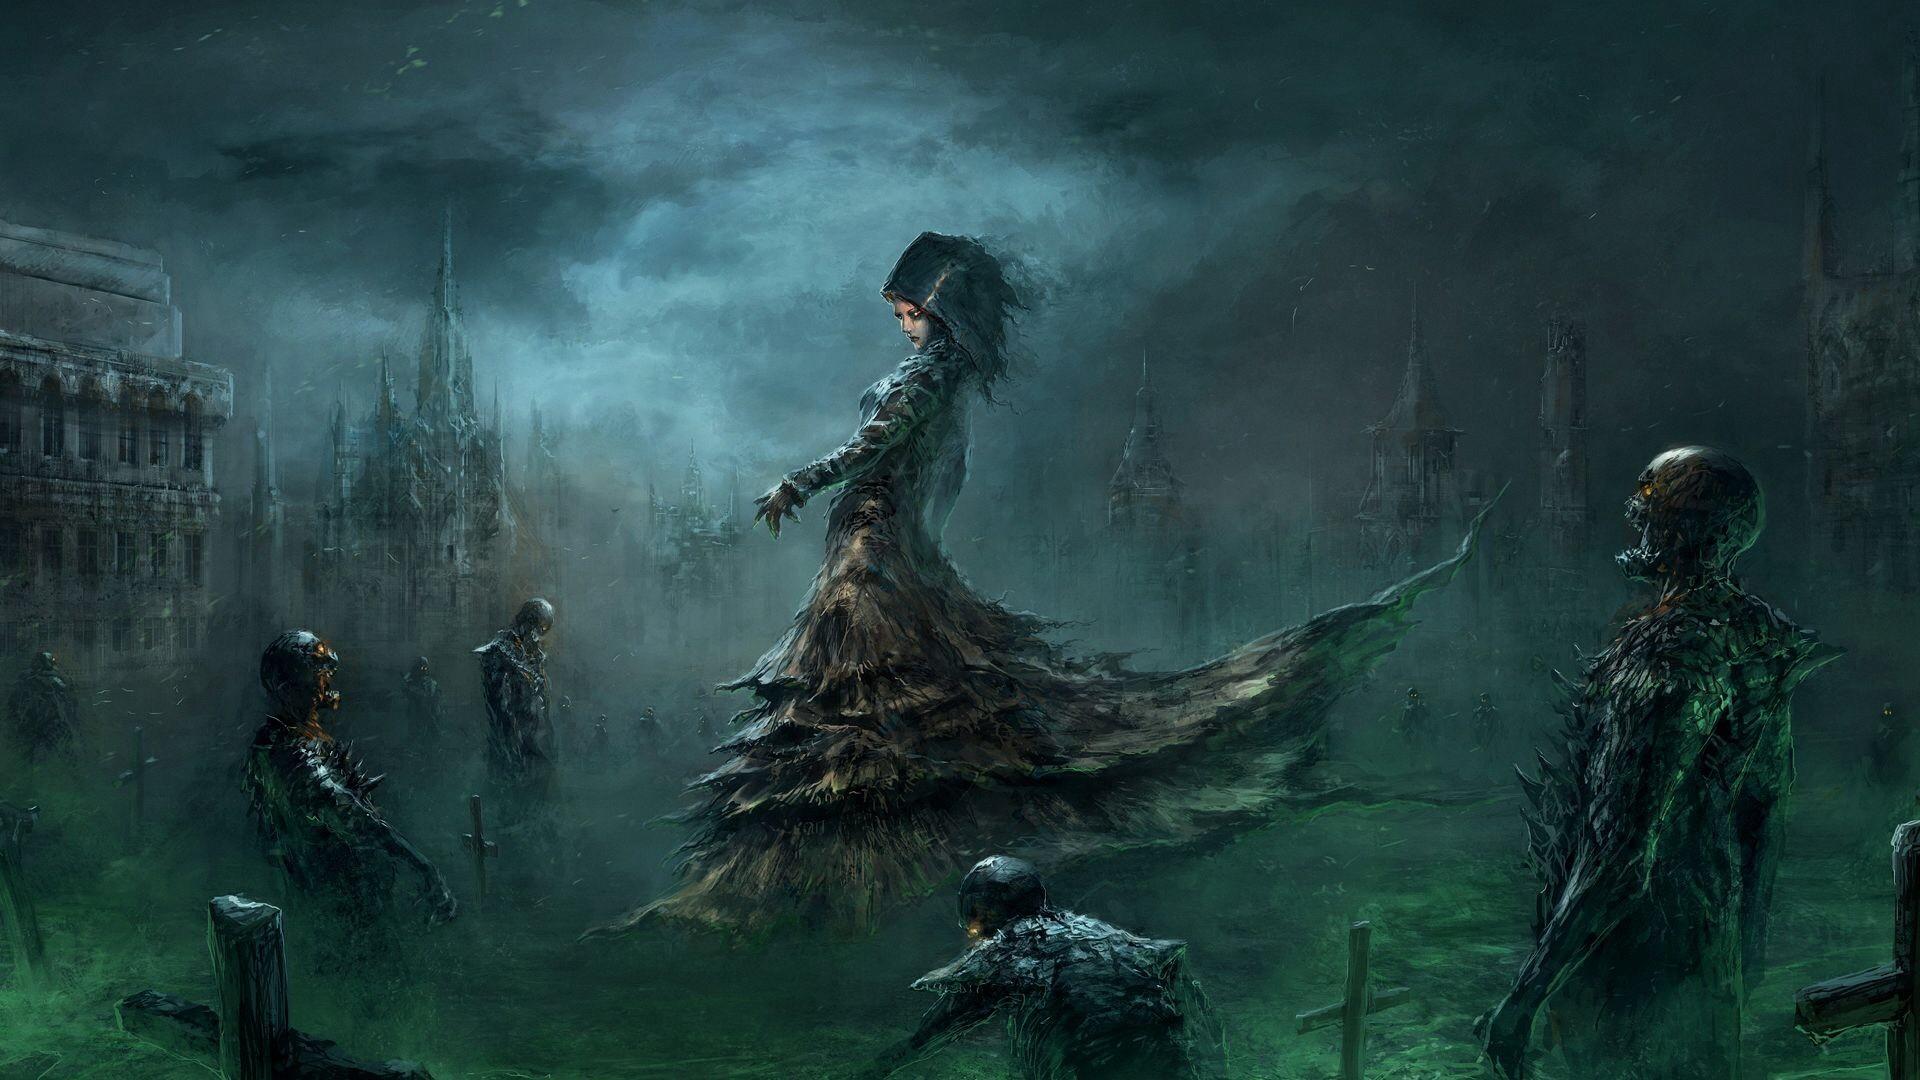 Fantasy Art Necromancers Wallpapers Hd Desktop And: Fondos De Pantalla : Arte Digital, Mujer, Arte Fantasía